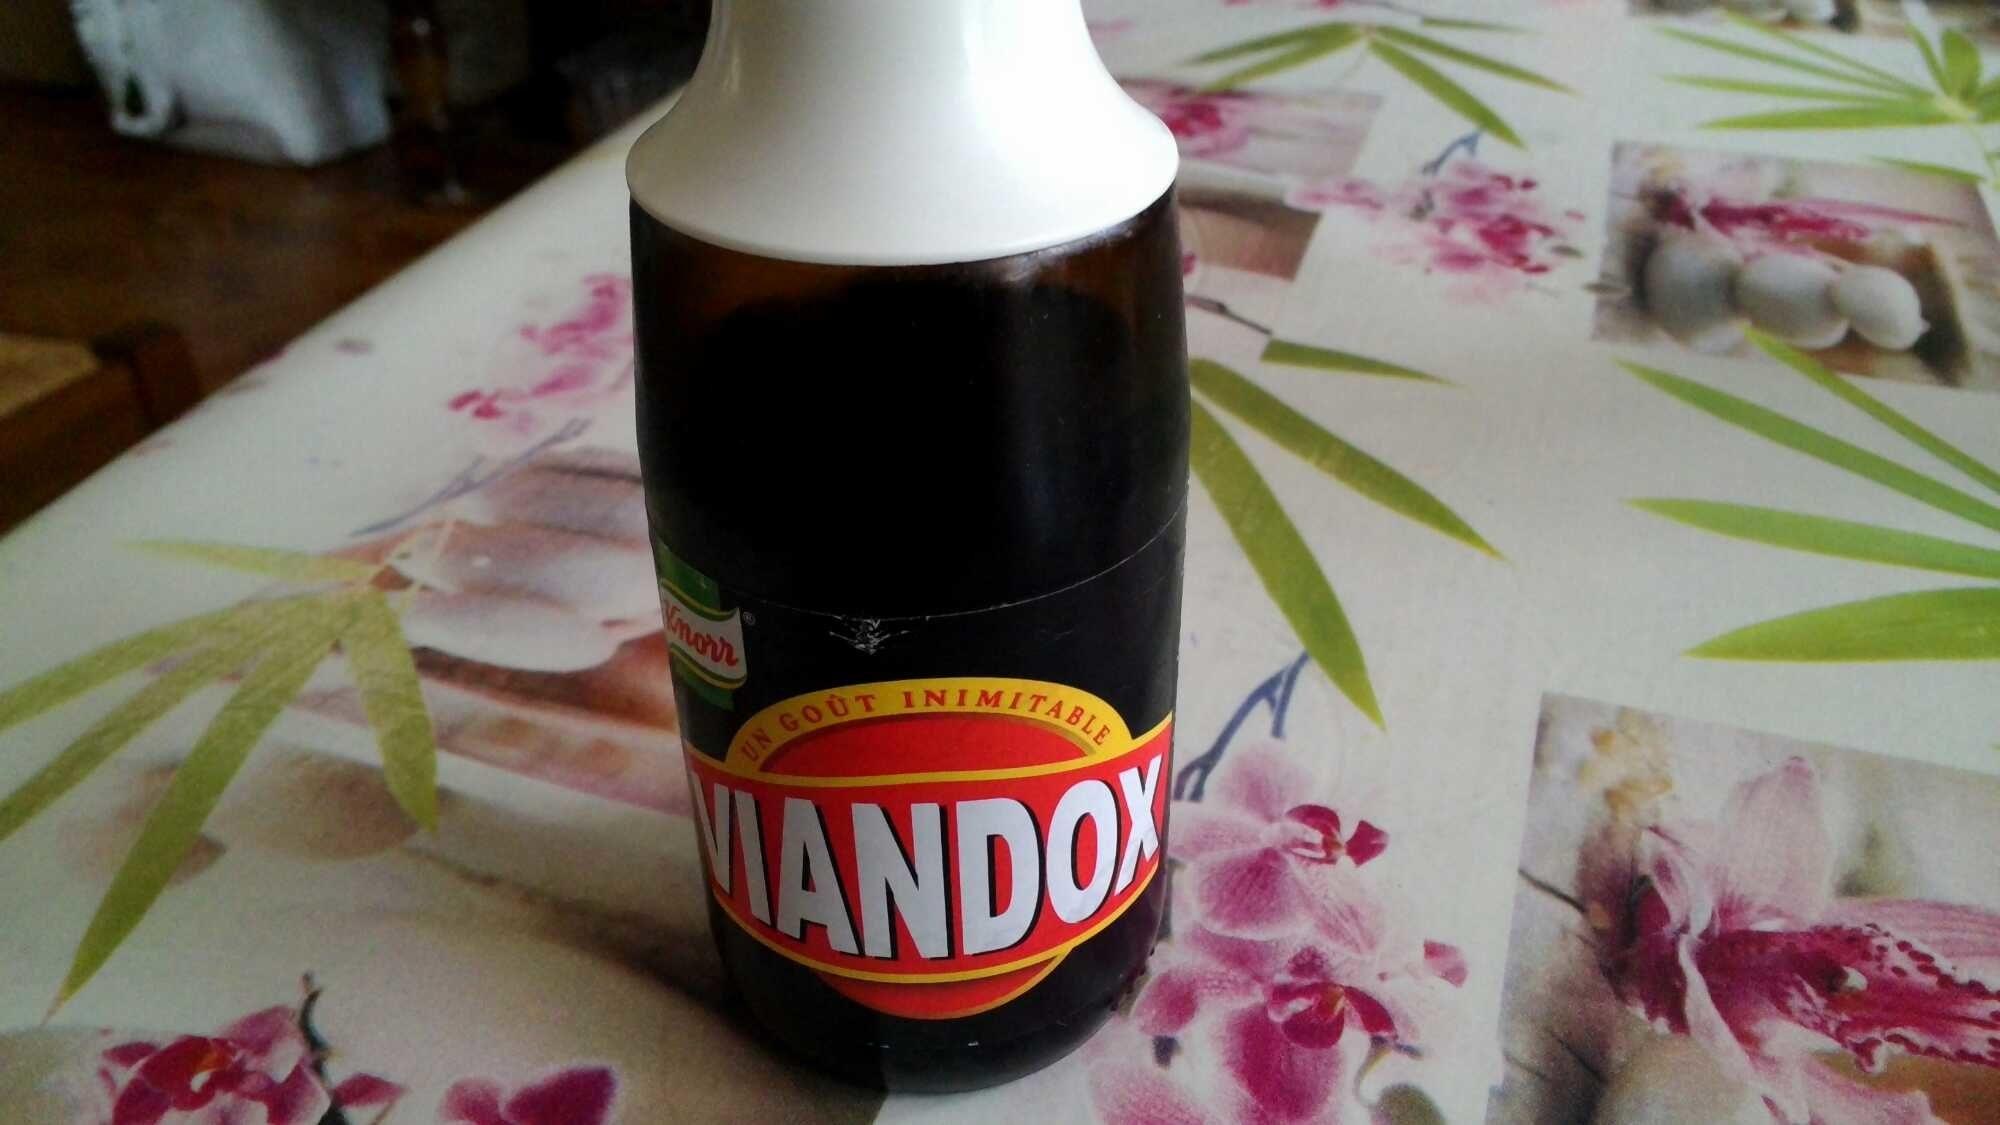 viandox - Product - fr